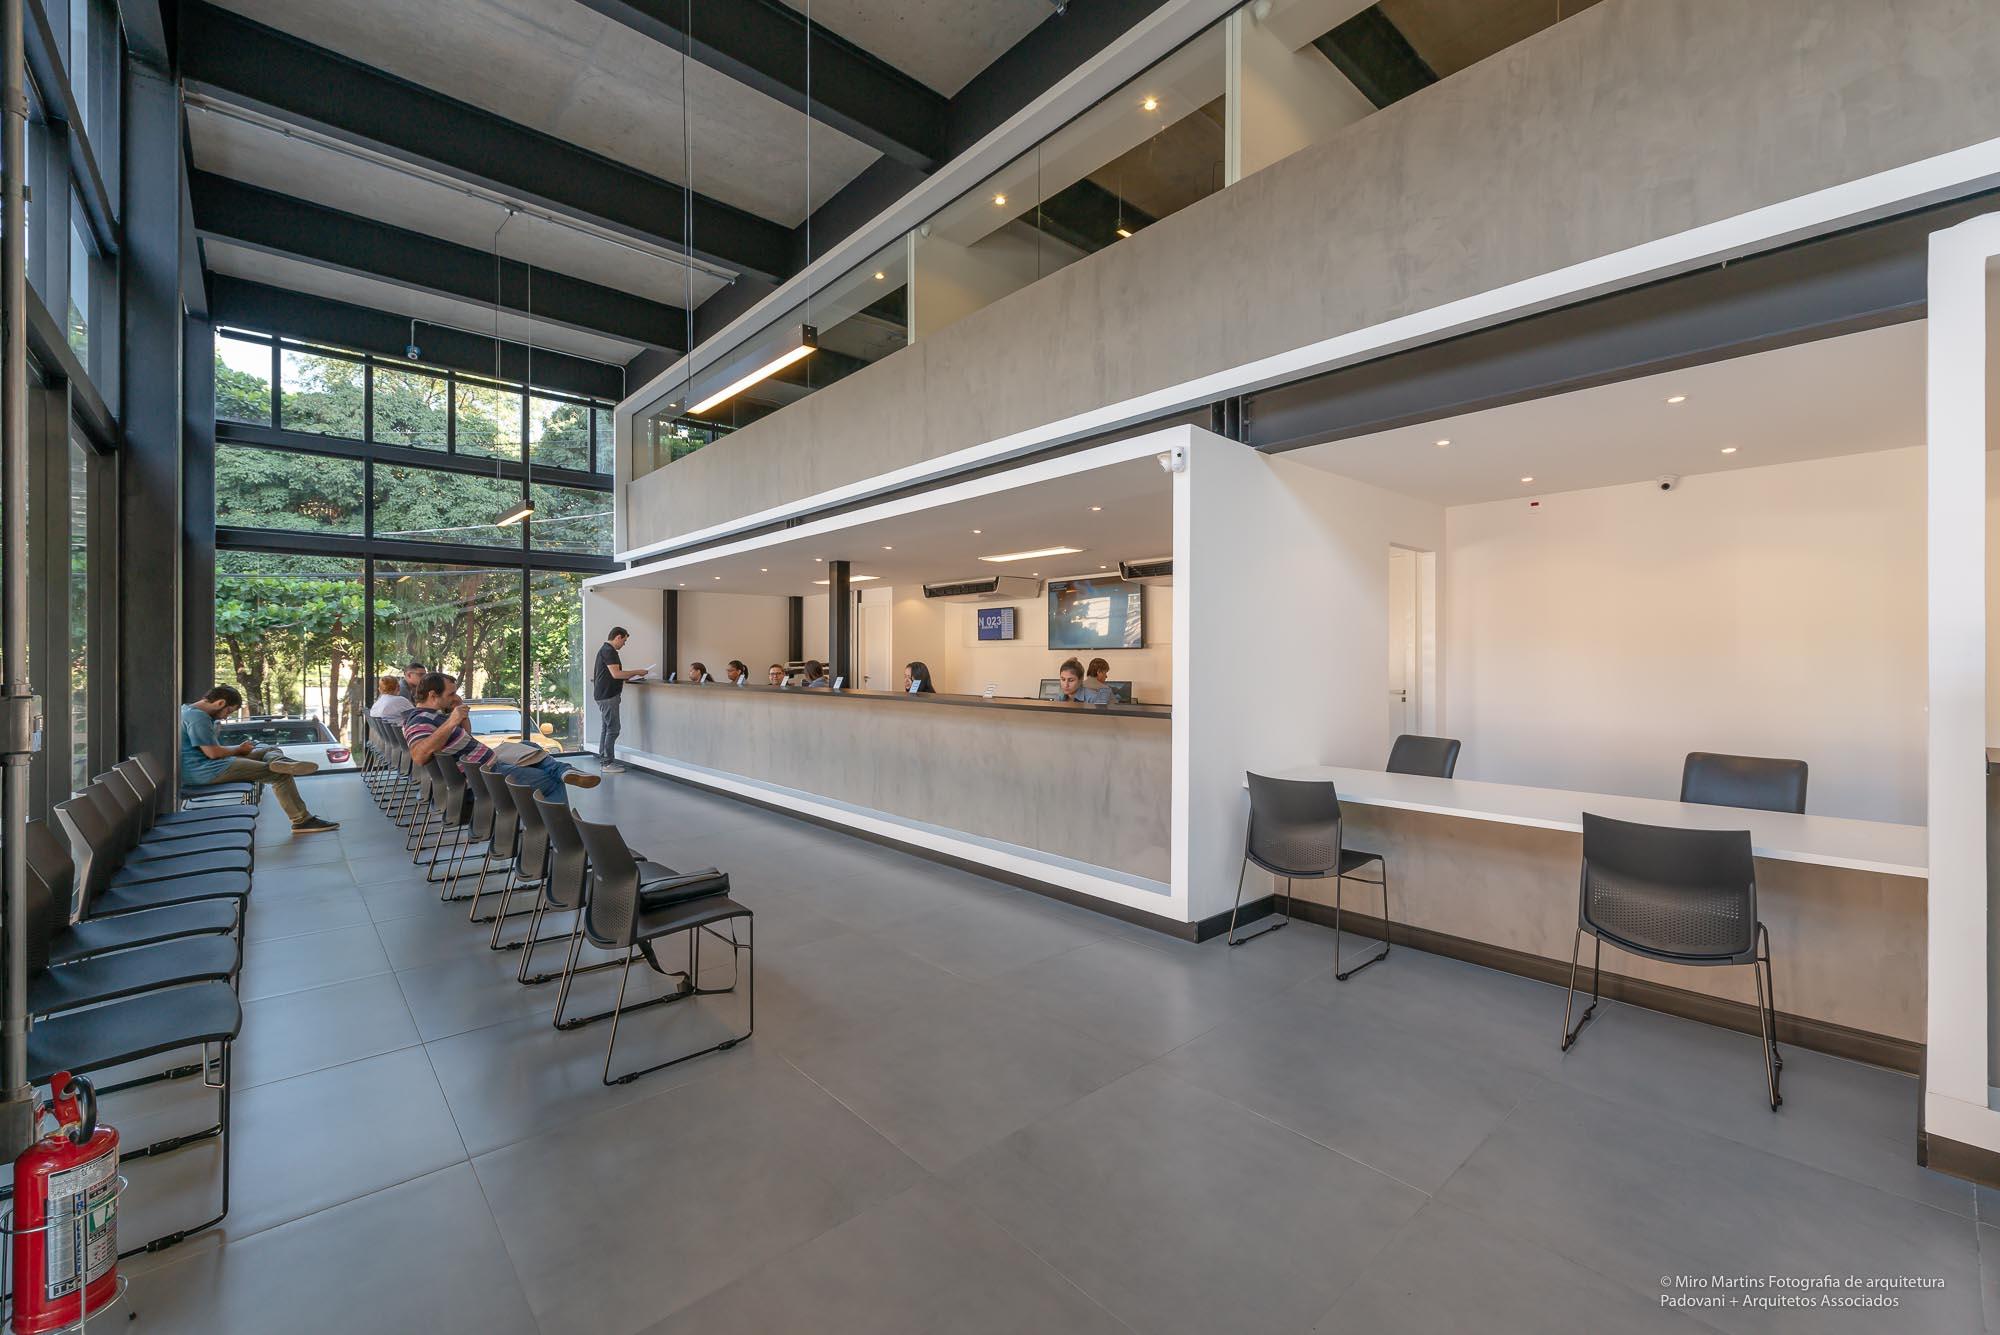 Padovani + arquitetos associados